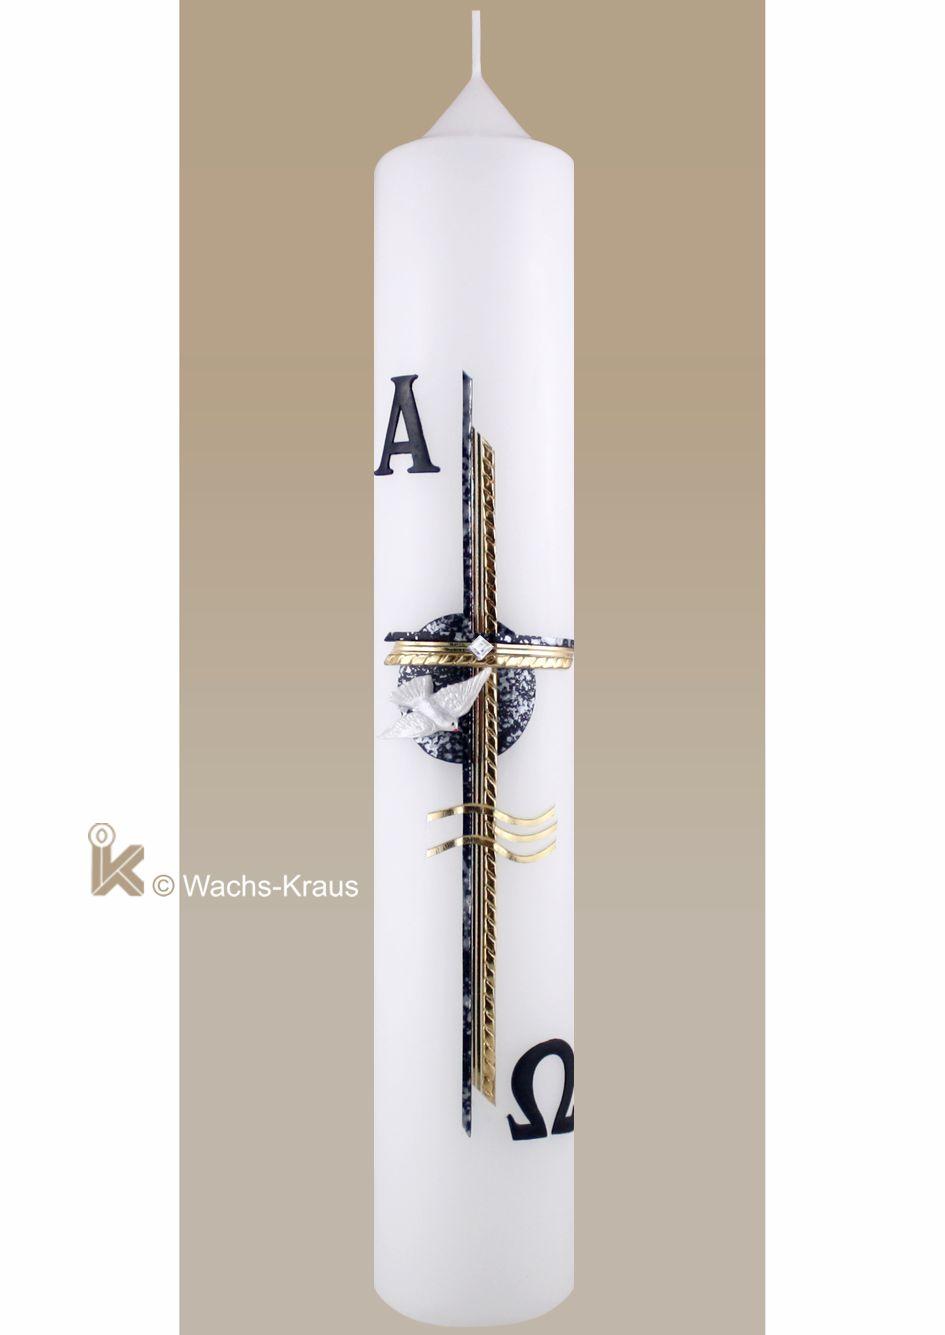 Moderne Taufkerze für einen Jungen. Das blaue Kreuz ist gesprenkelt und mit einer goldenen Borte abgesetzt. Dazu: Taube, Alpha Omega, Wellen.